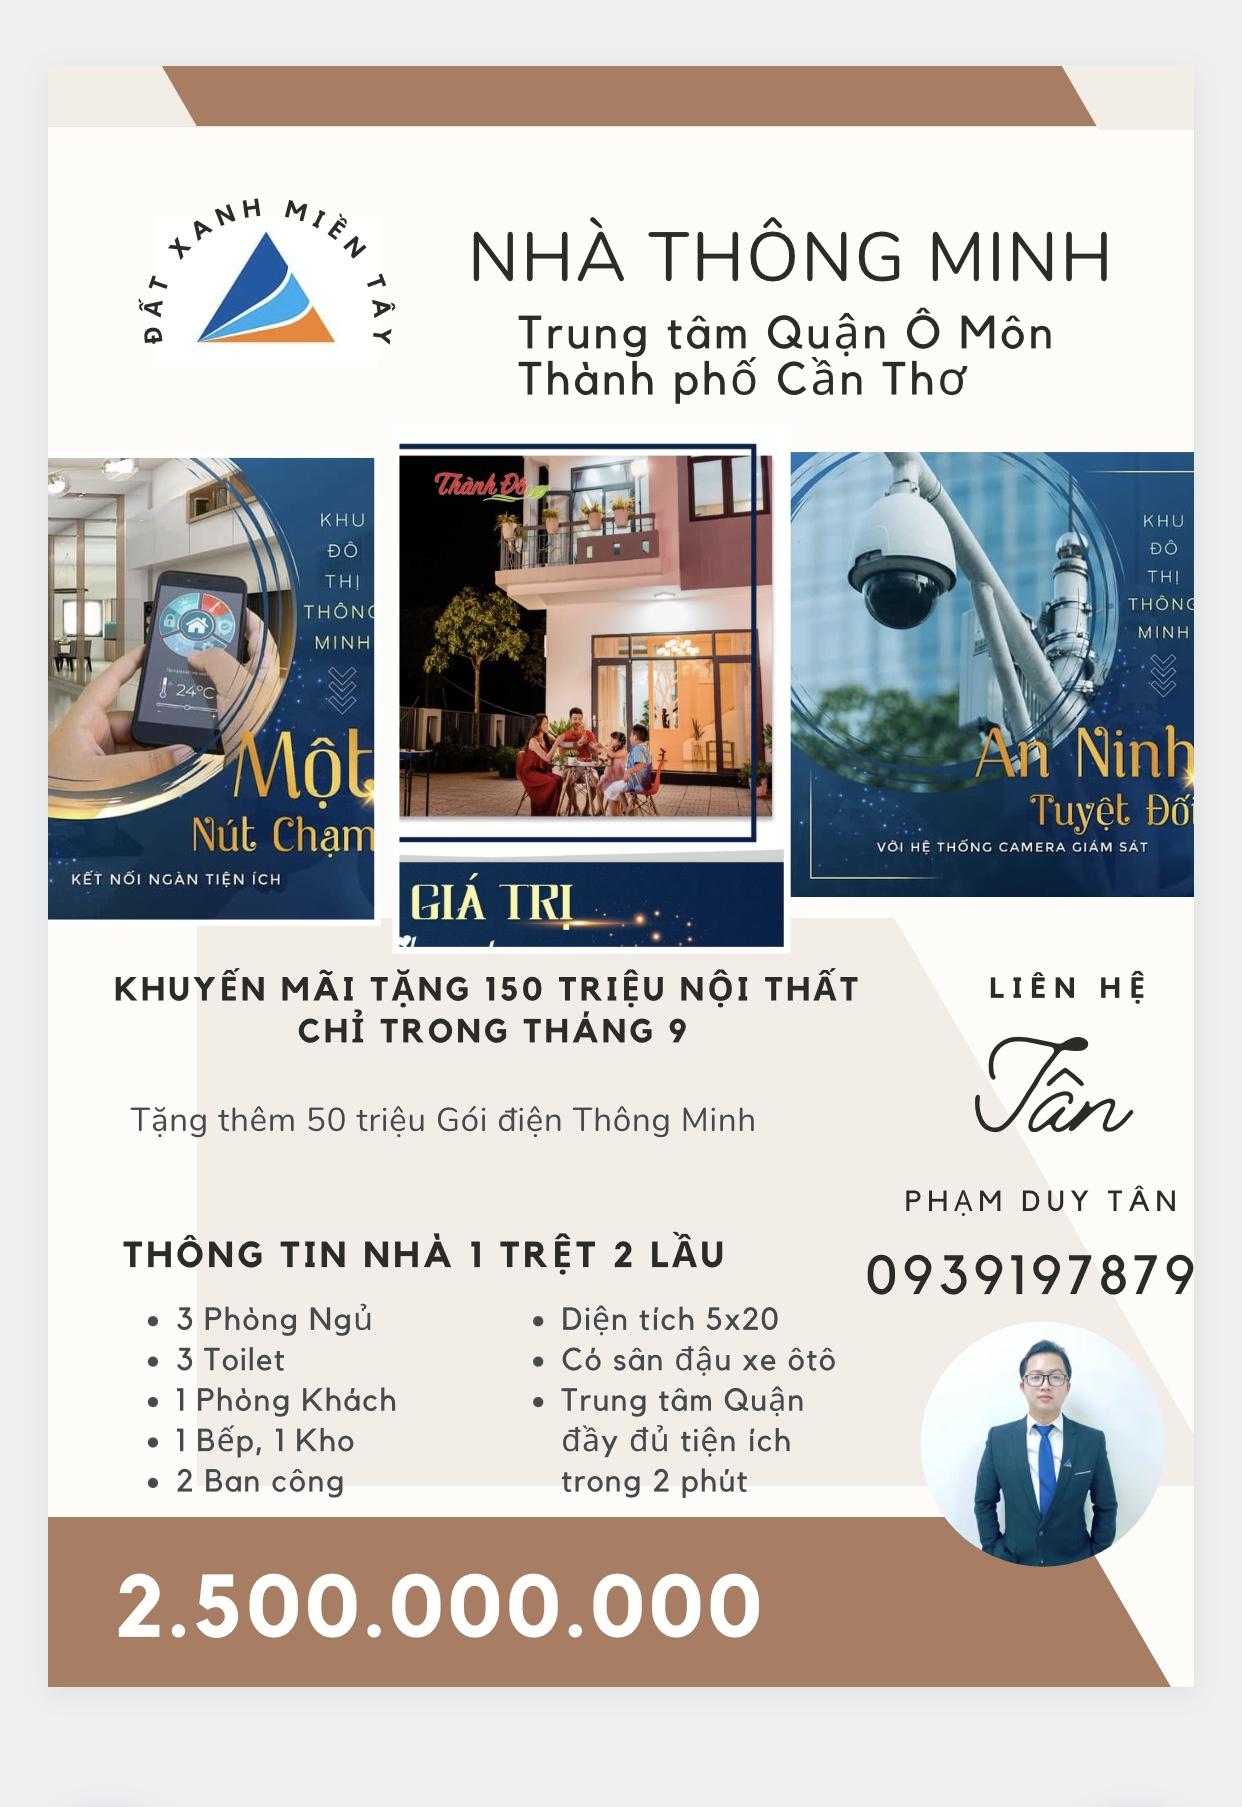 Cần bán Nhà mặt tiền đường Châu Văn Liêm, Phường Châu Văn Liêm, Diện tích 100m², Giá 700 Triệu - LH: 0567093839